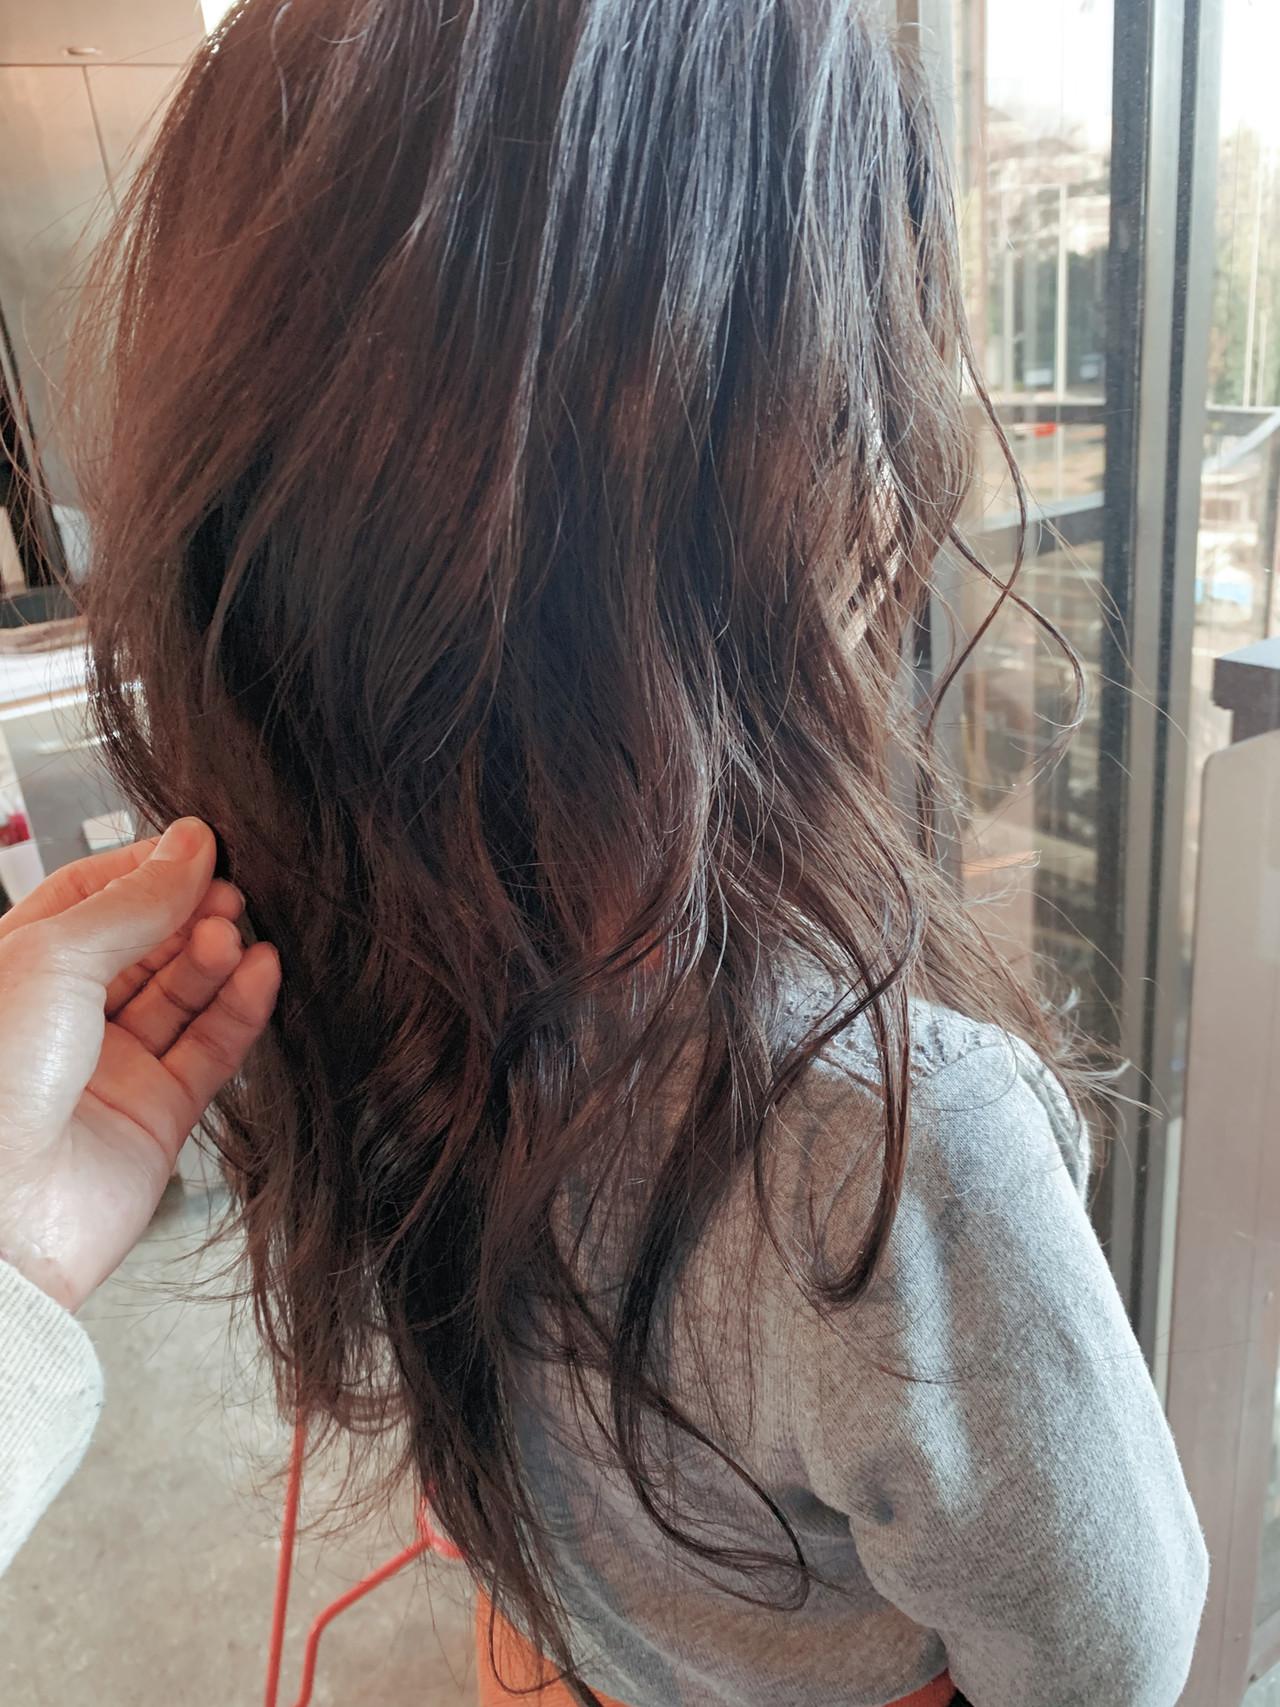 大人女子 フェミニン 大人ヘアスタイル レイヤーロングヘア ヘアスタイルや髪型の写真・画像 | 堀口 由香利 / assort tokyo